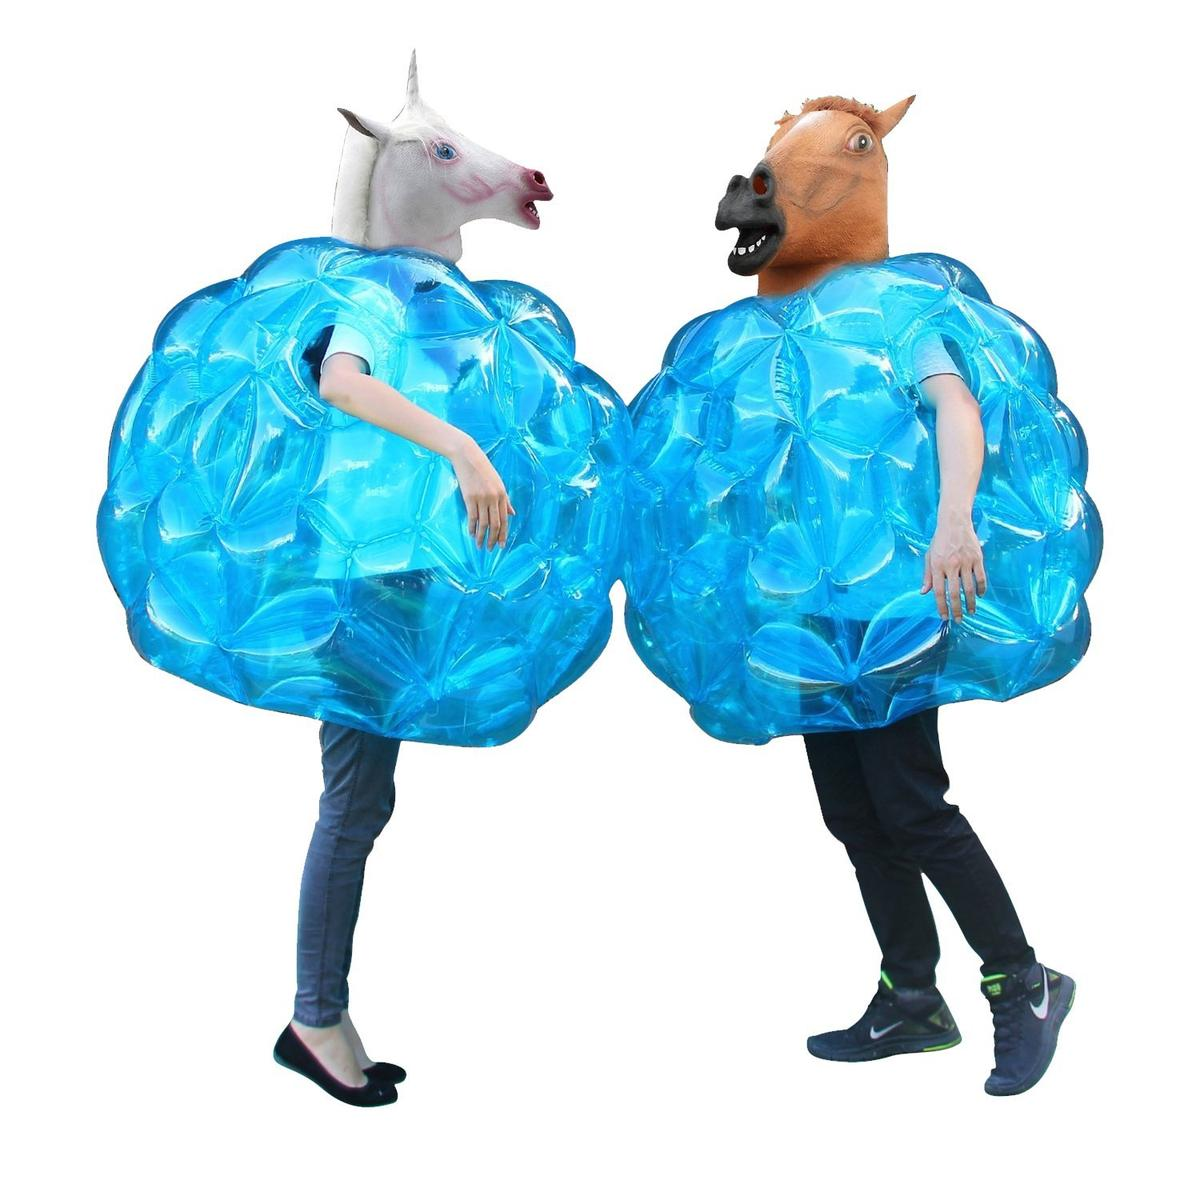 バンパーボール 青 2個 セット 大人 子供 バブルサッカー グッズ